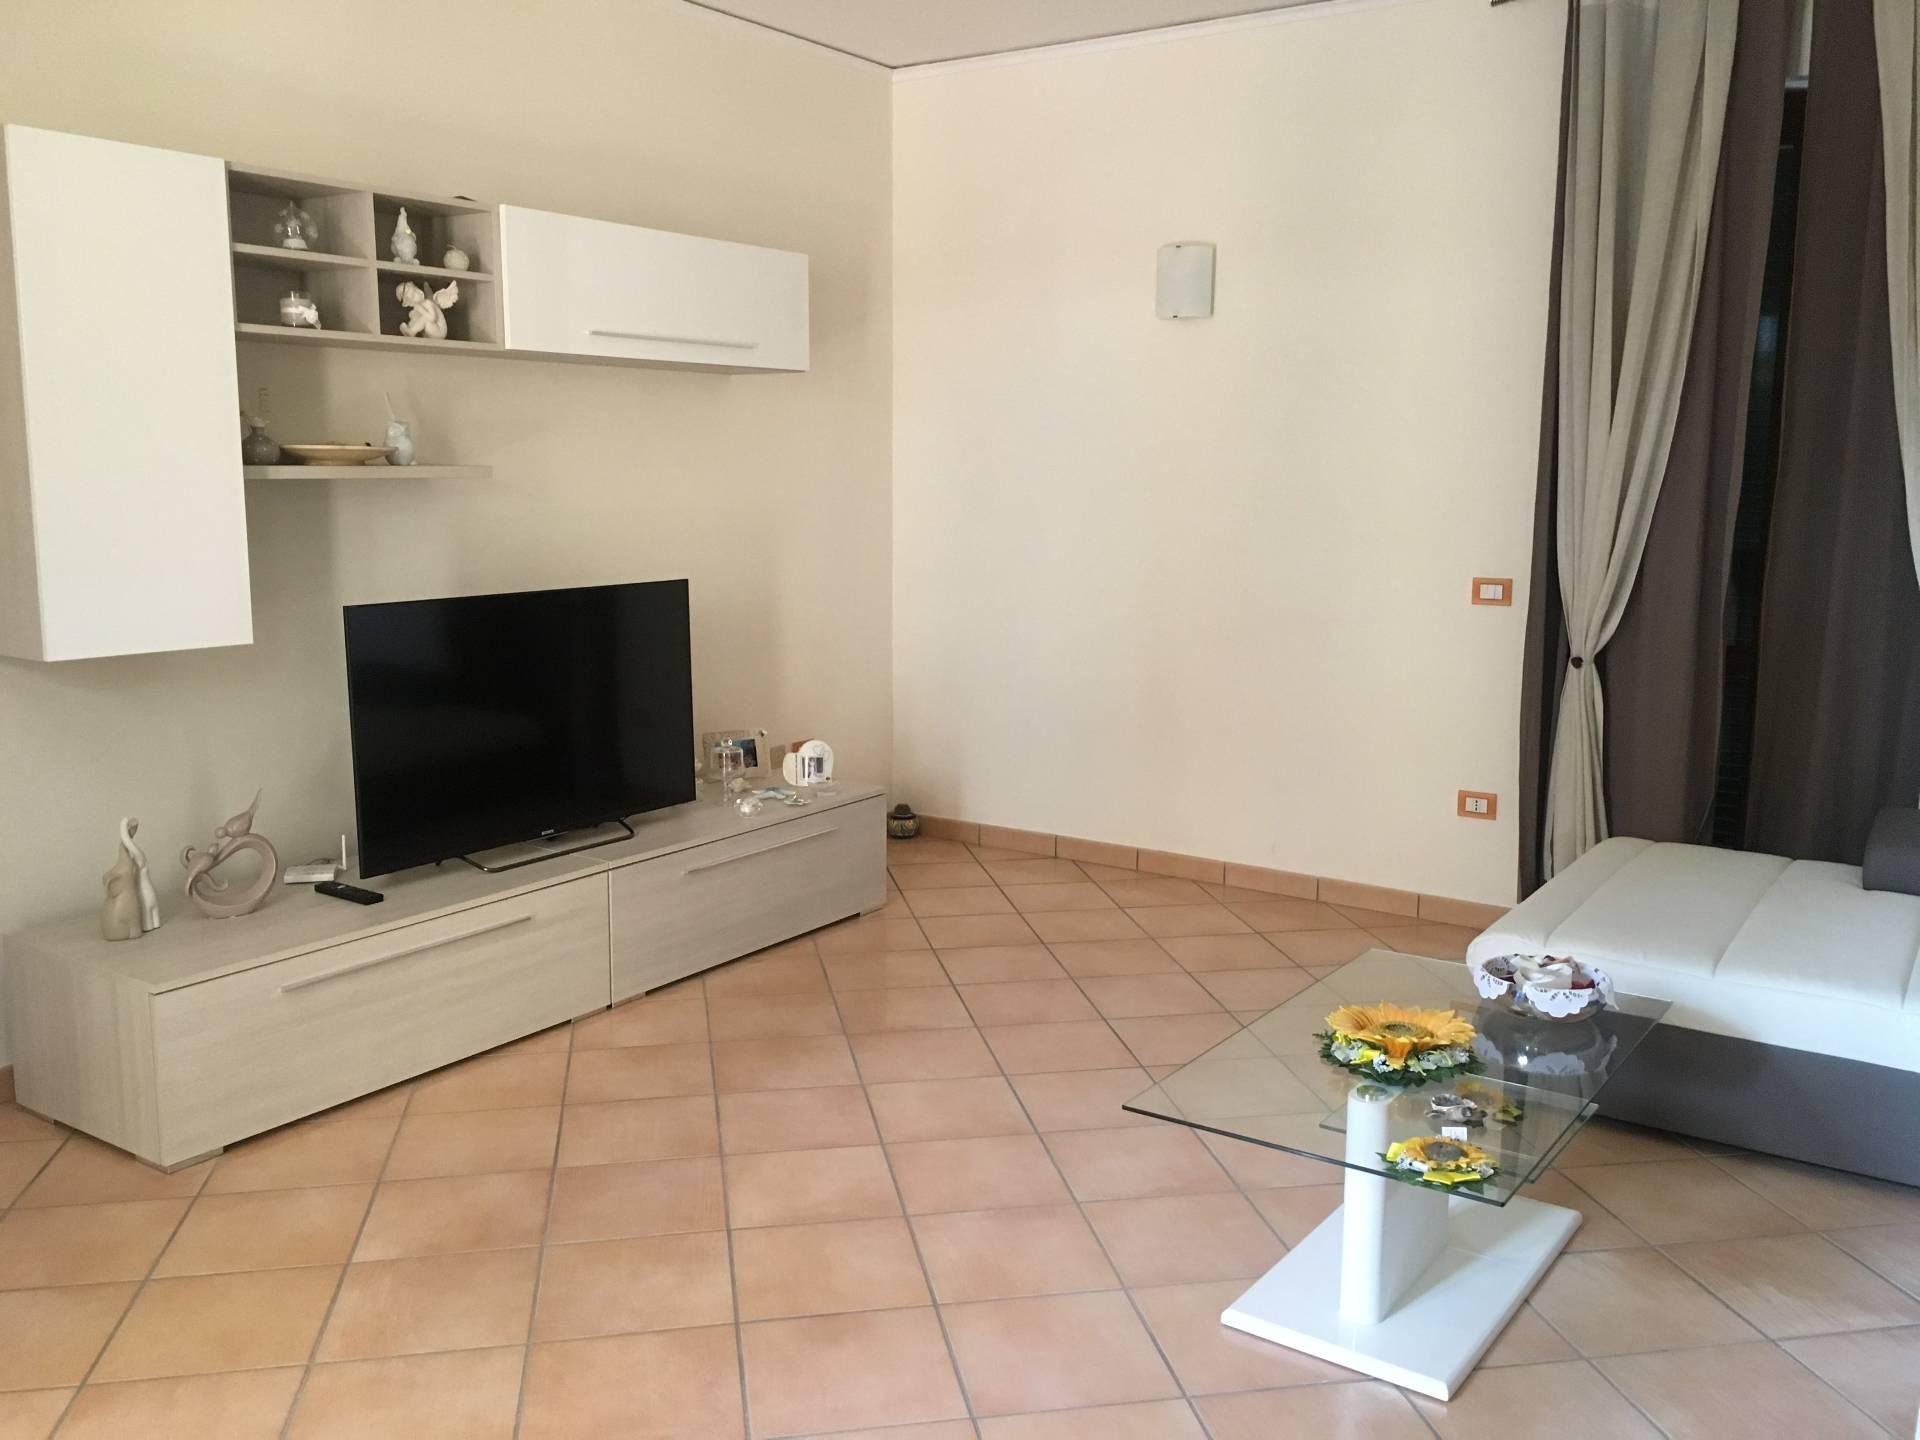 Appartamento in vendita a Ottaviano, 4 locali, prezzo € 155.000 | CambioCasa.it